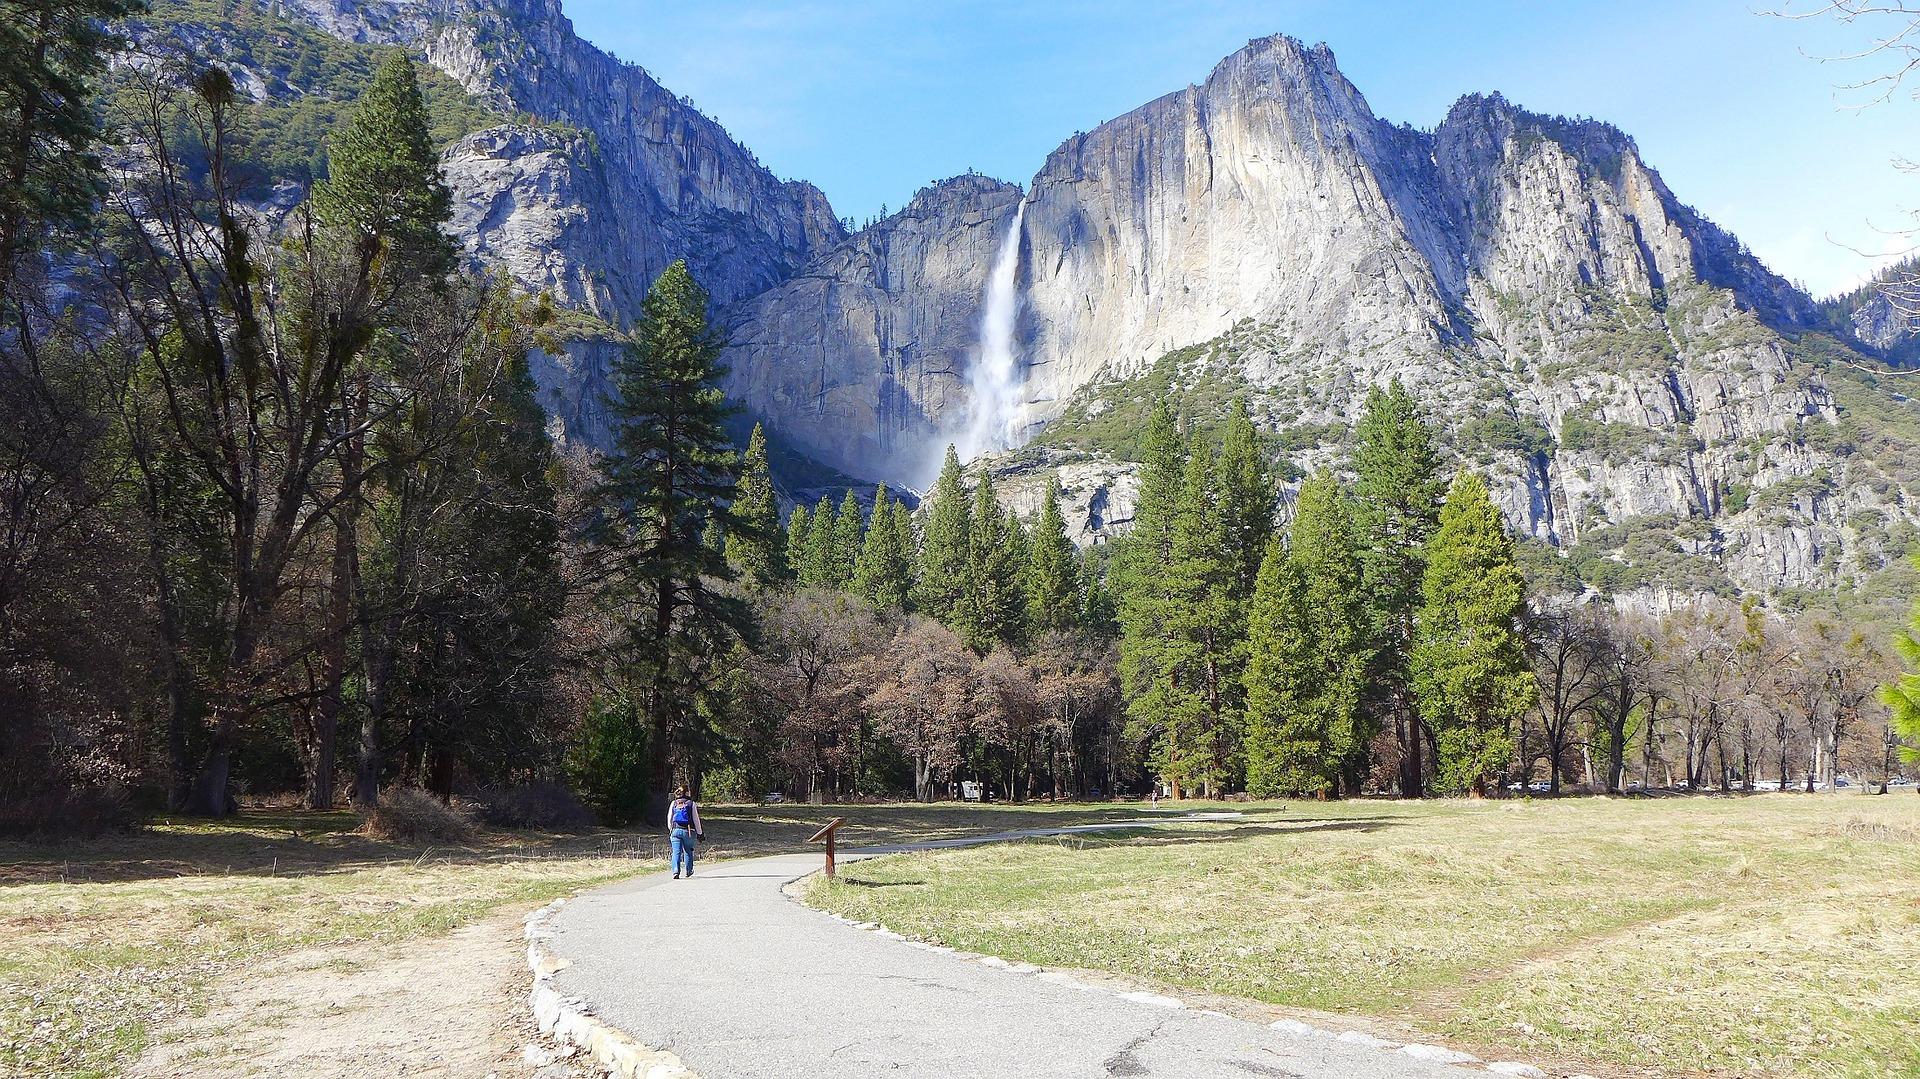 Yosemite Falls in Yosemite National Park in California, USA